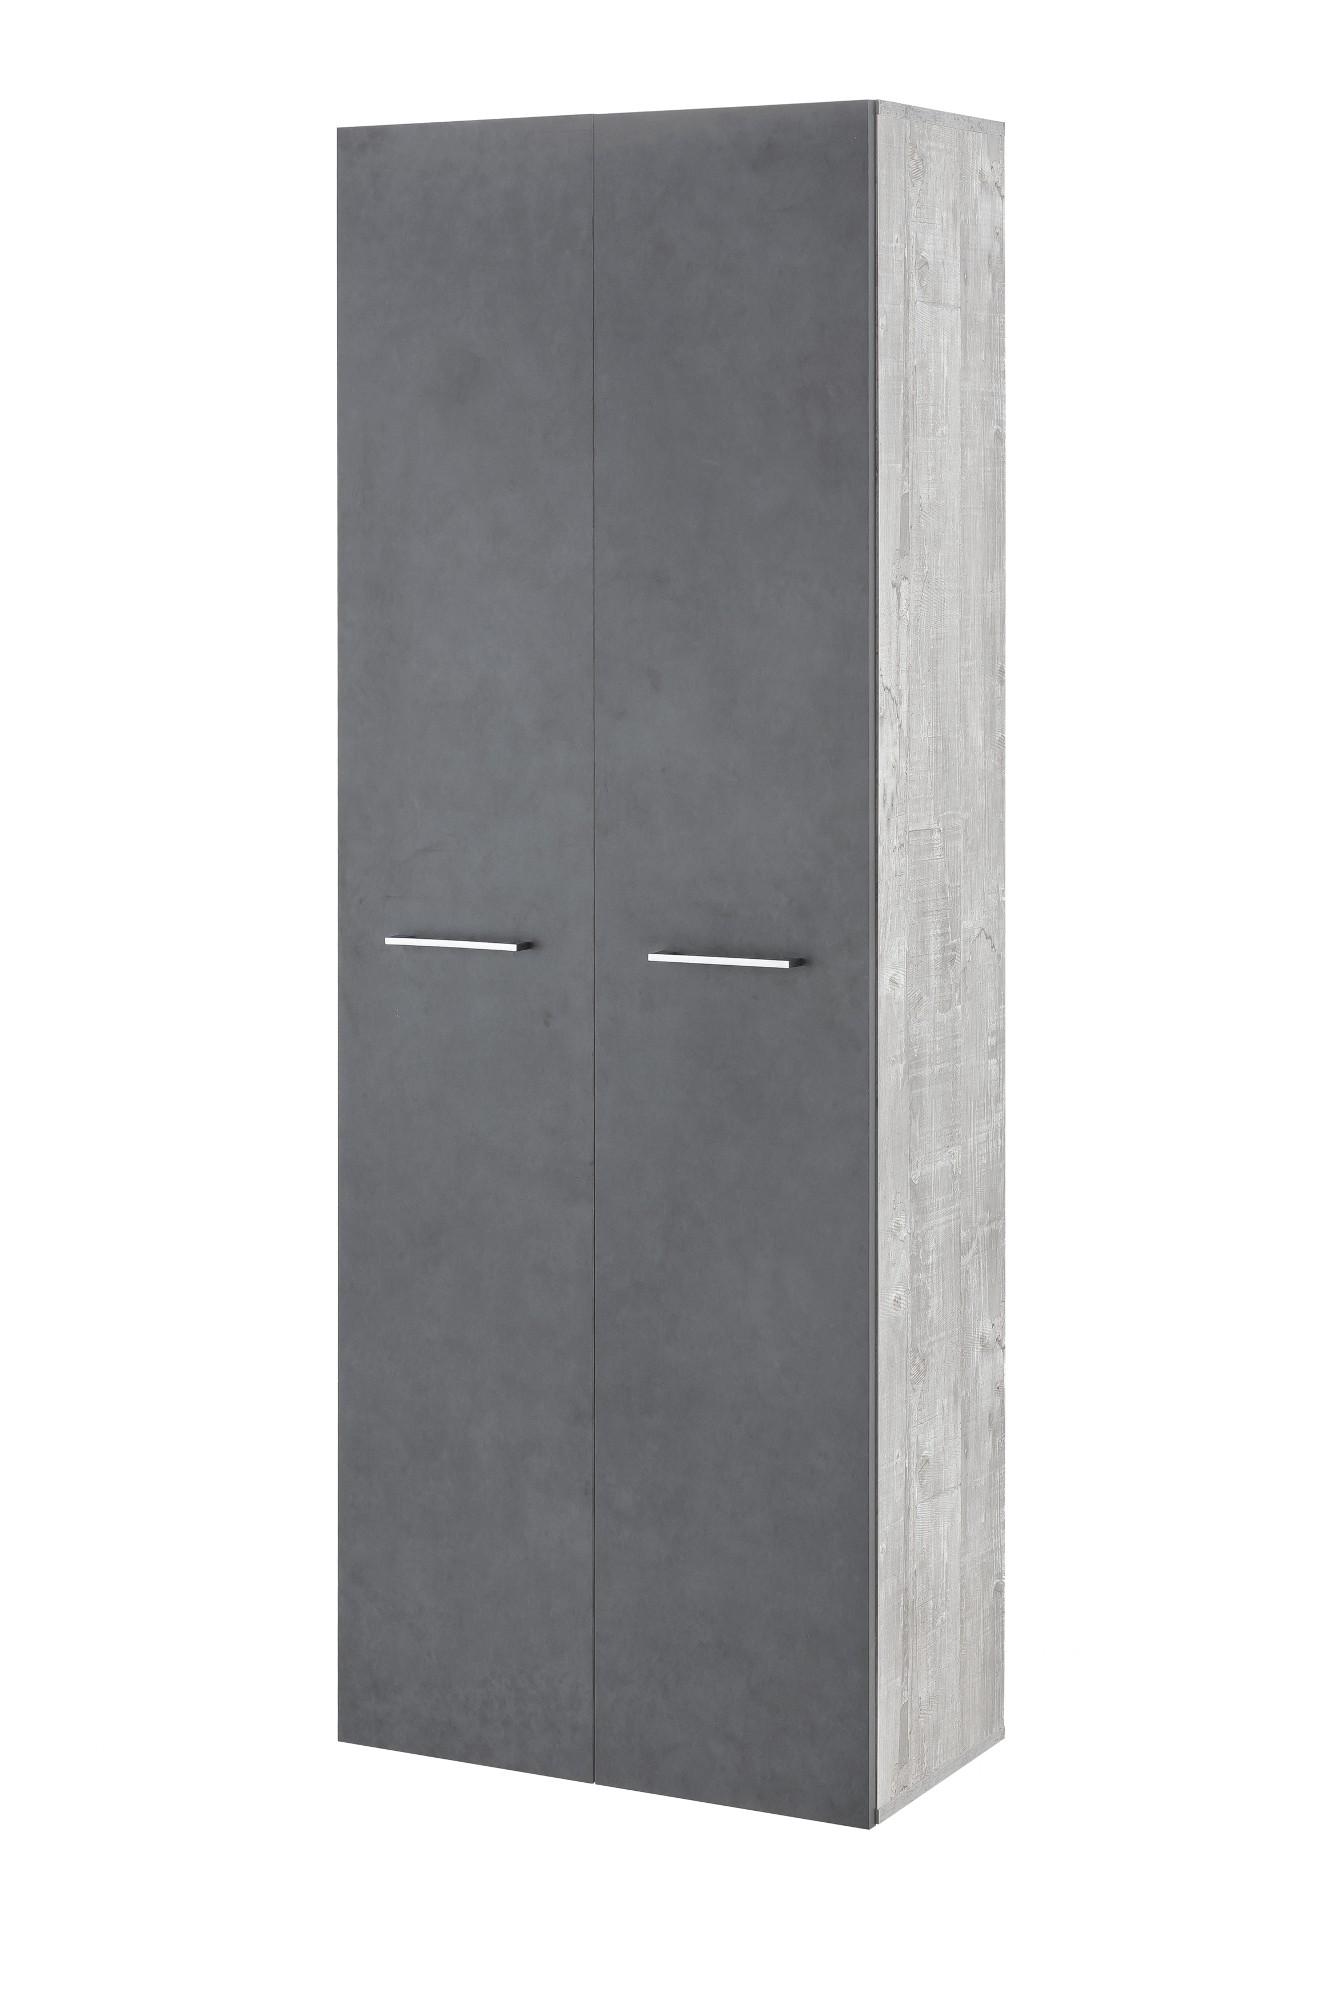 Bad-Hochschrank ULM - 2-türig, 5 Fächer - 60 cm breit - Graphit ...